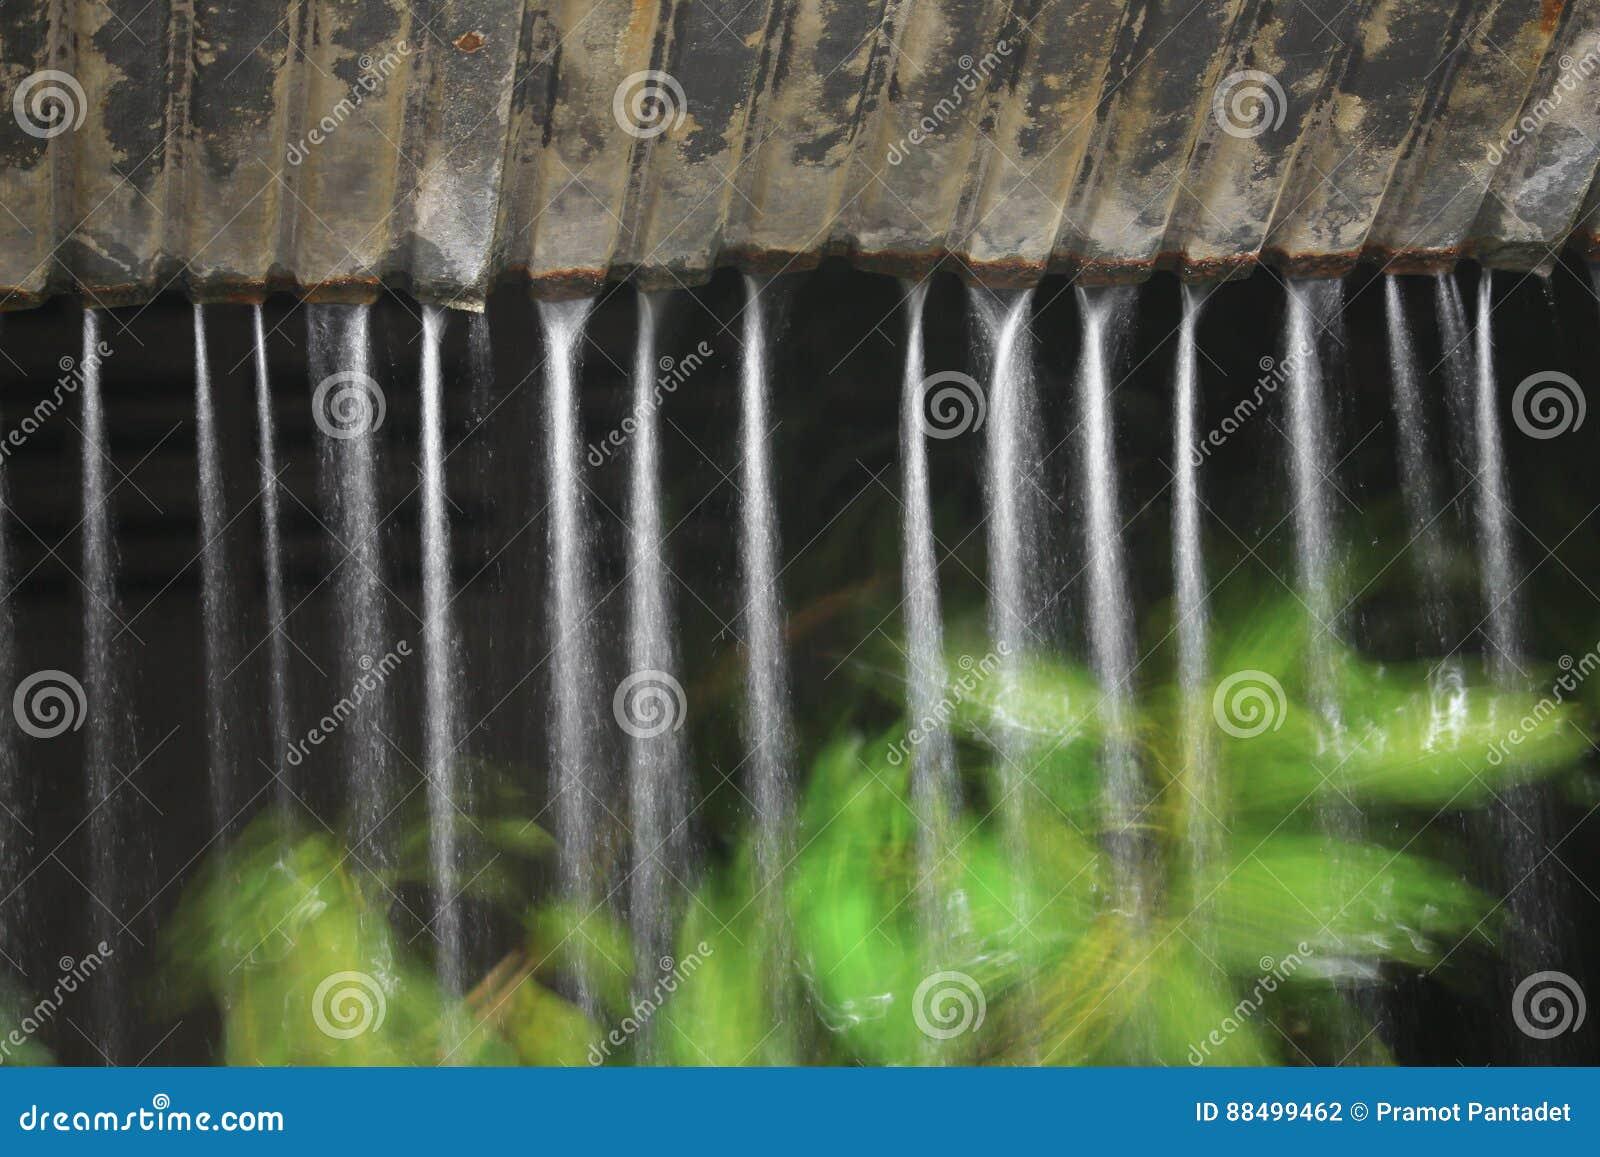 Movimiento De La Lluvia Del Agua Del Tejado En La Noche Foto De